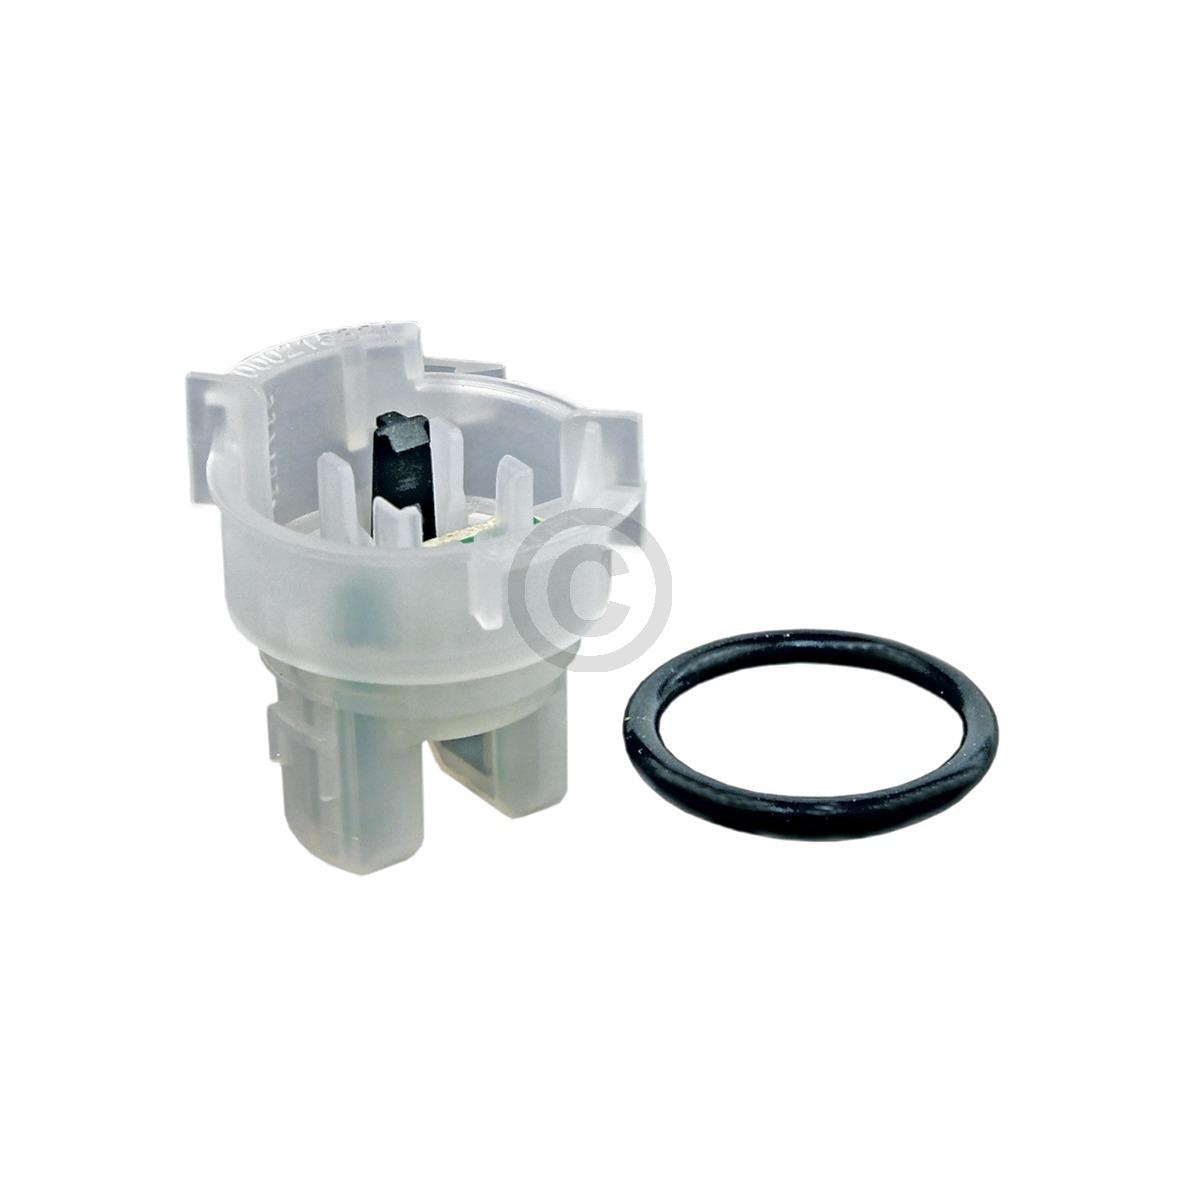 Wasserschmutzsensor optisch 00611323 611323 Bosch, Siemens, Neff